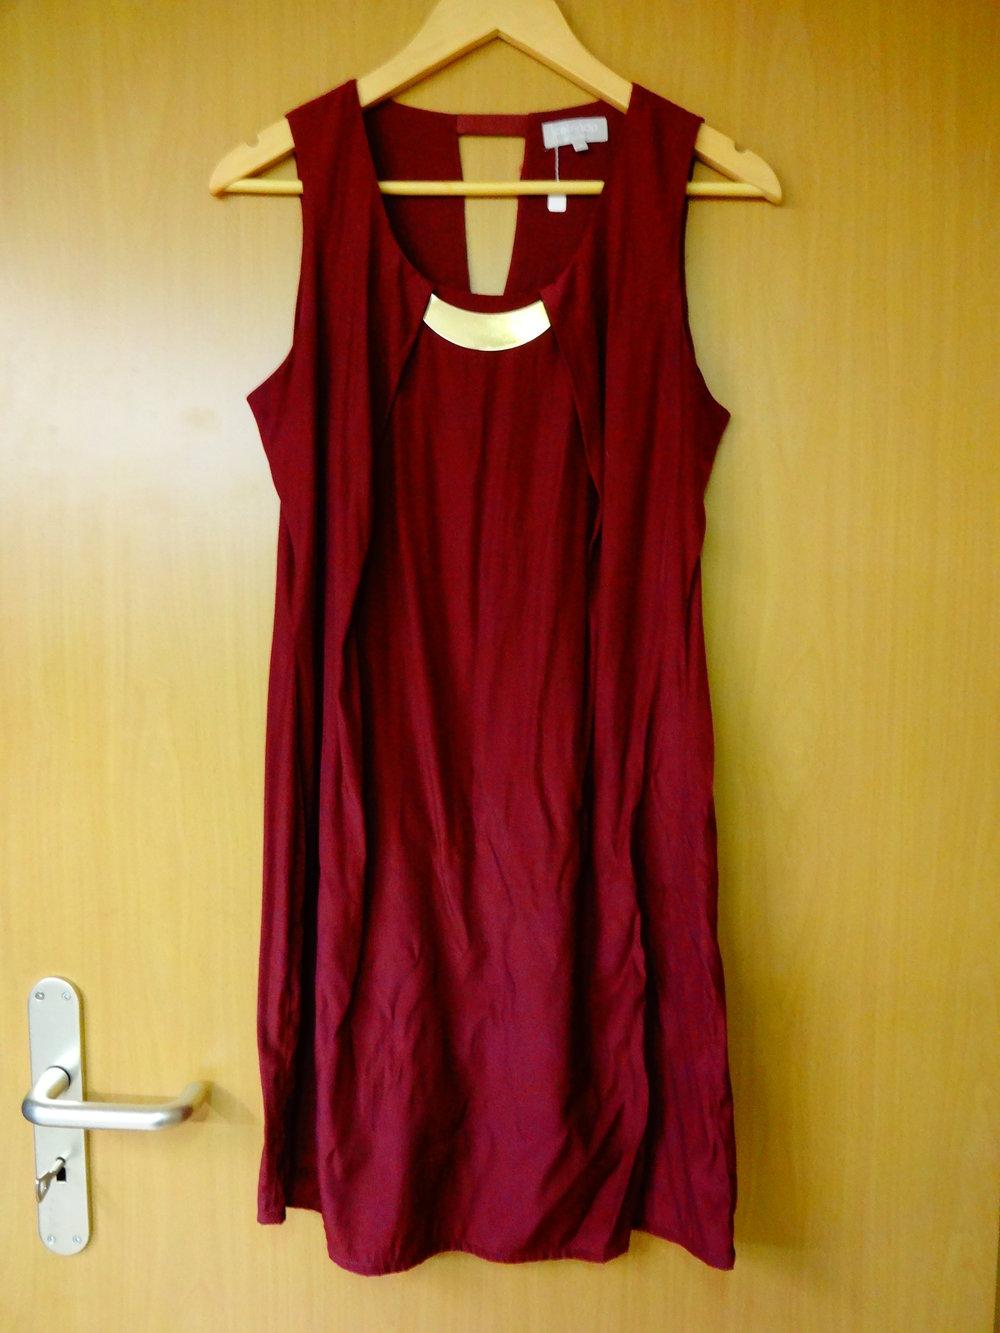 Rotes kleid kurz zalando stylische kleider f r jeden tag - Zalando kleid rot ...